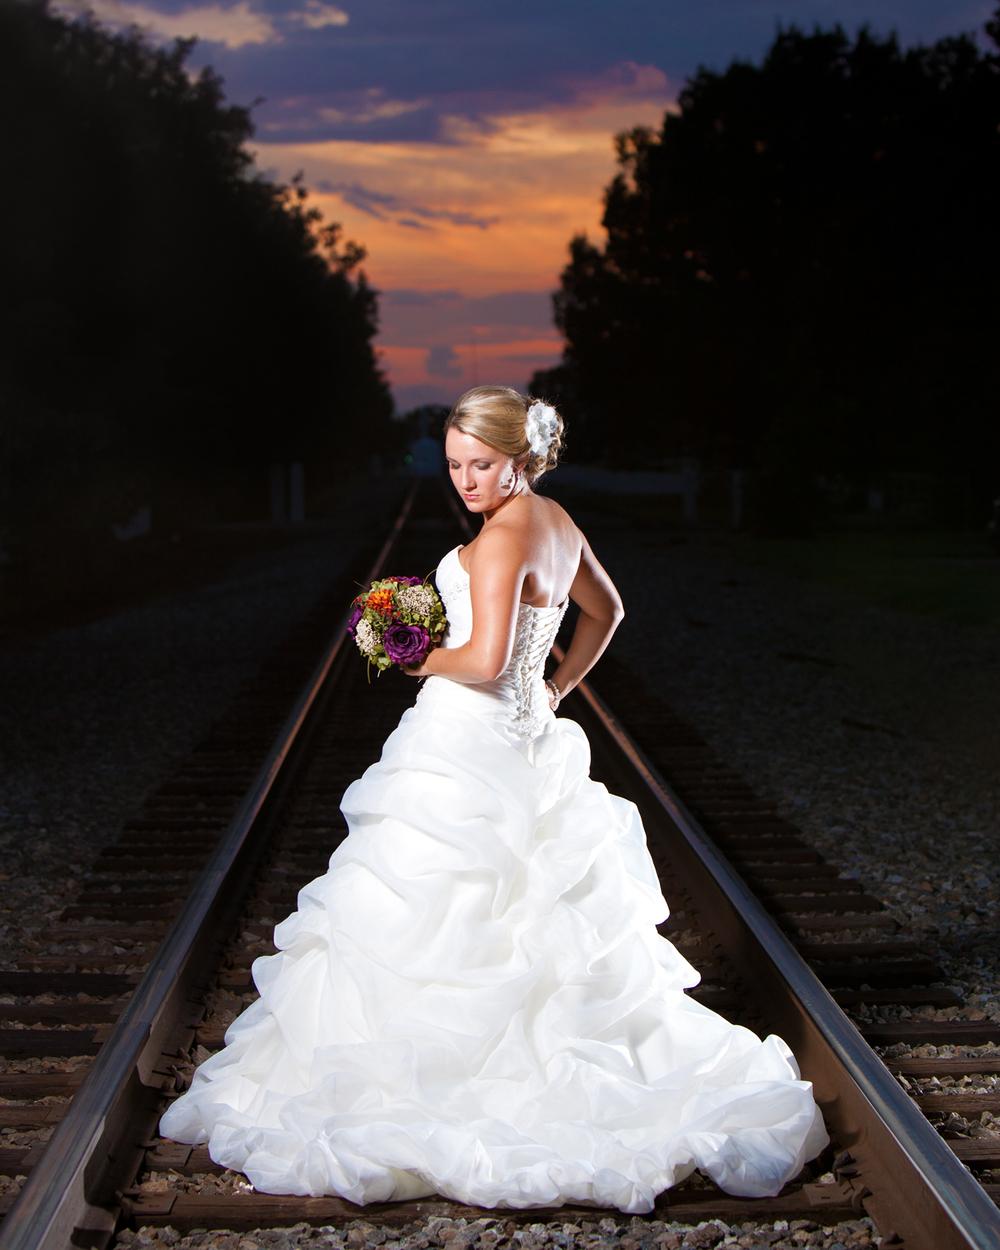 bridal 20x24.jpg